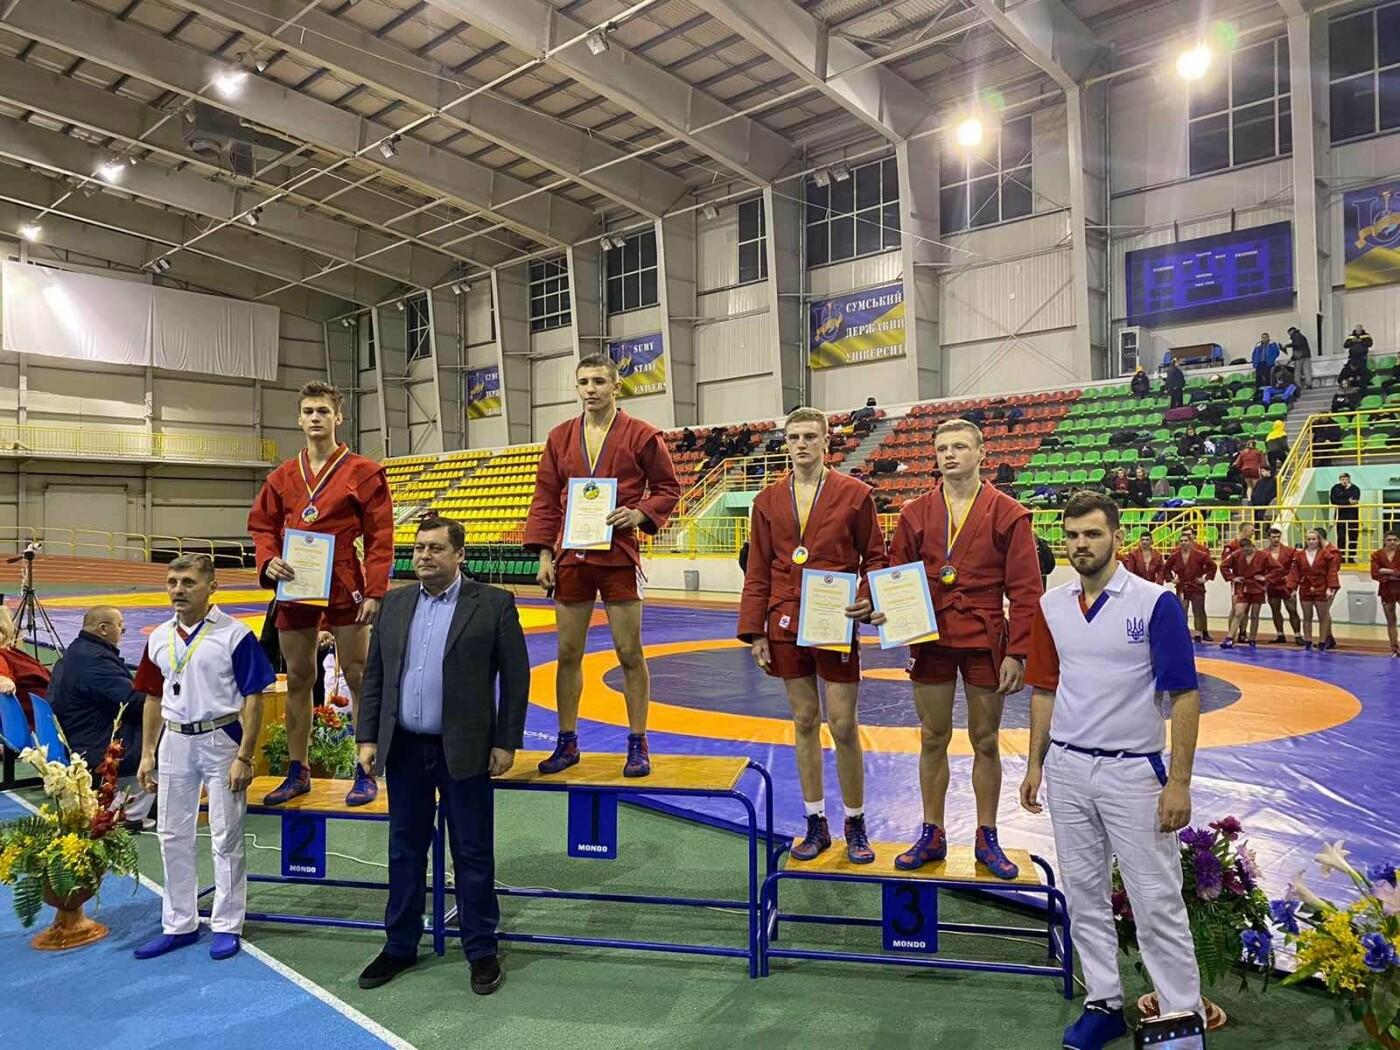 Юные криворожские спортсмены привезли с Чемпионата Украины 5 медалей, - ФОТО , фото-3